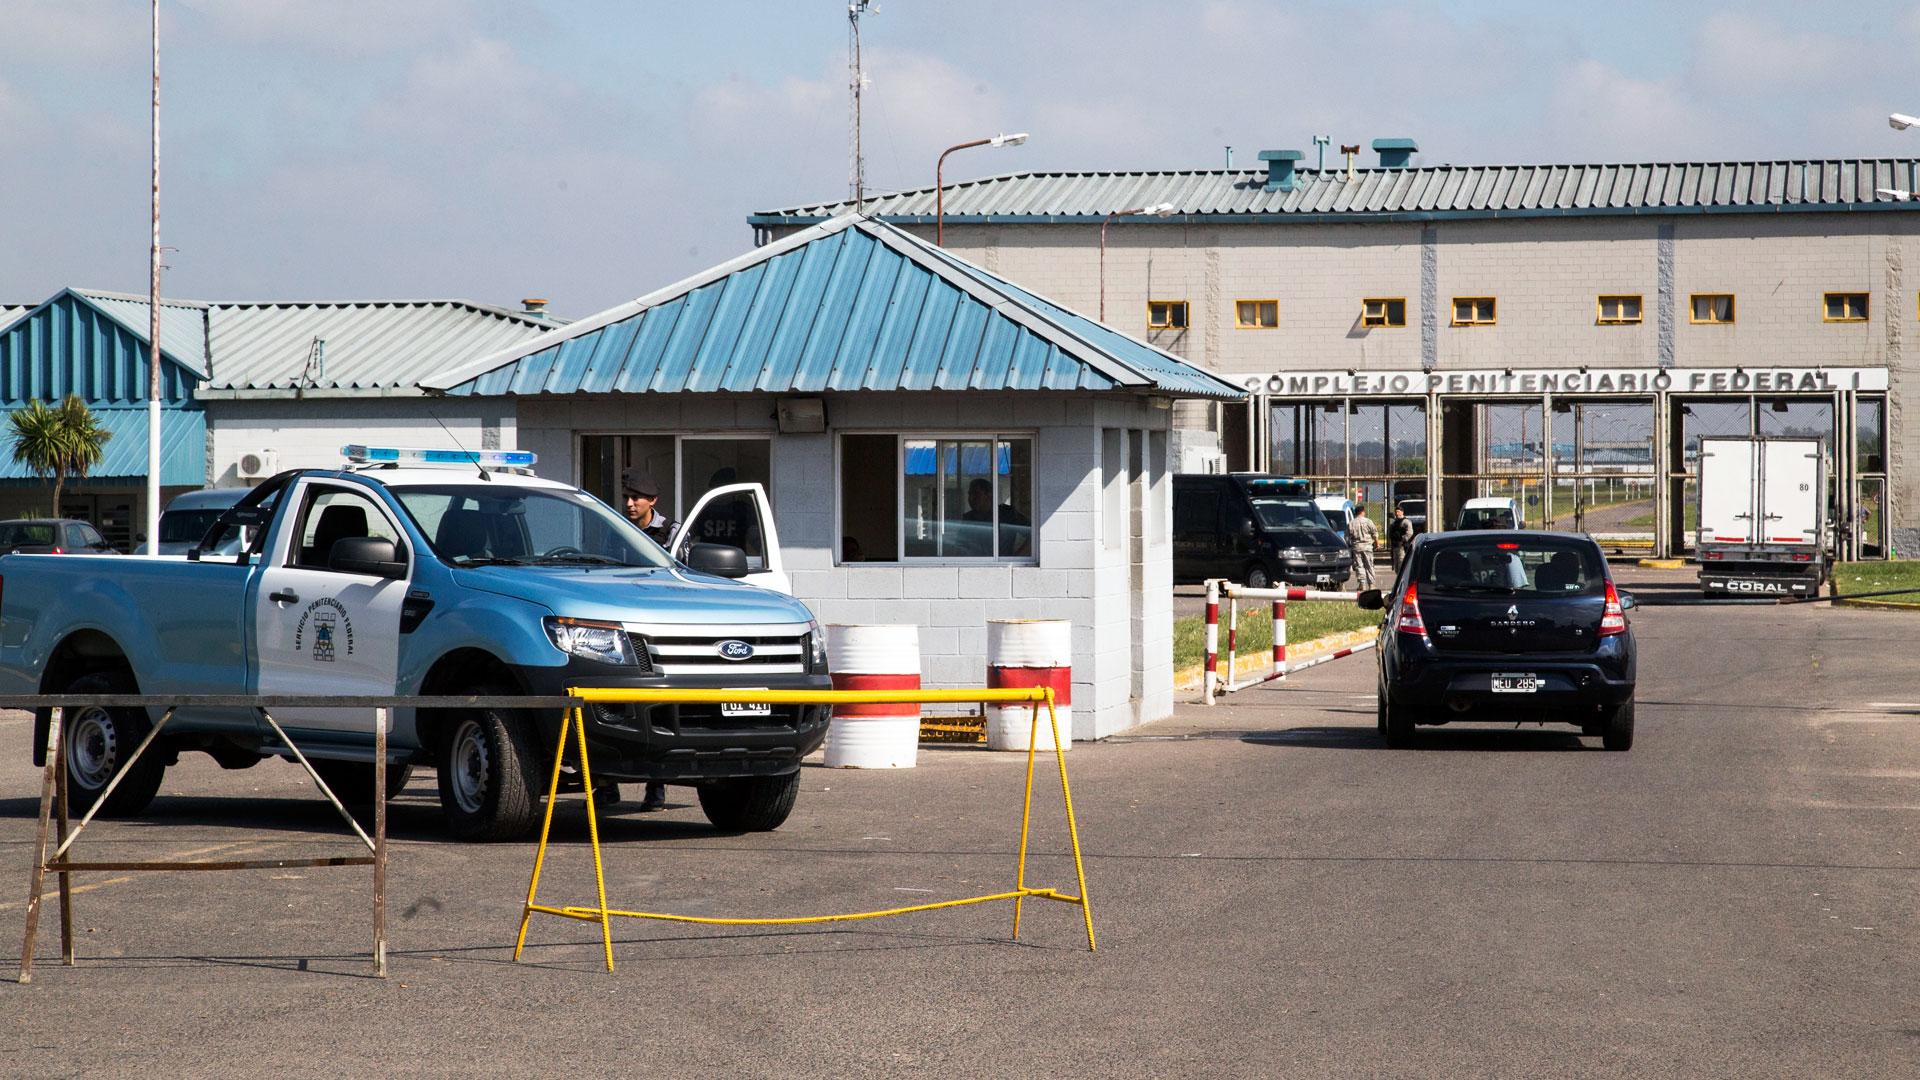 El complejo de Ezeiza está bajo jurisdicción del Servicio Penitenciario Federal y, por ende, del gobierno de Mauricio Macri. (NA)